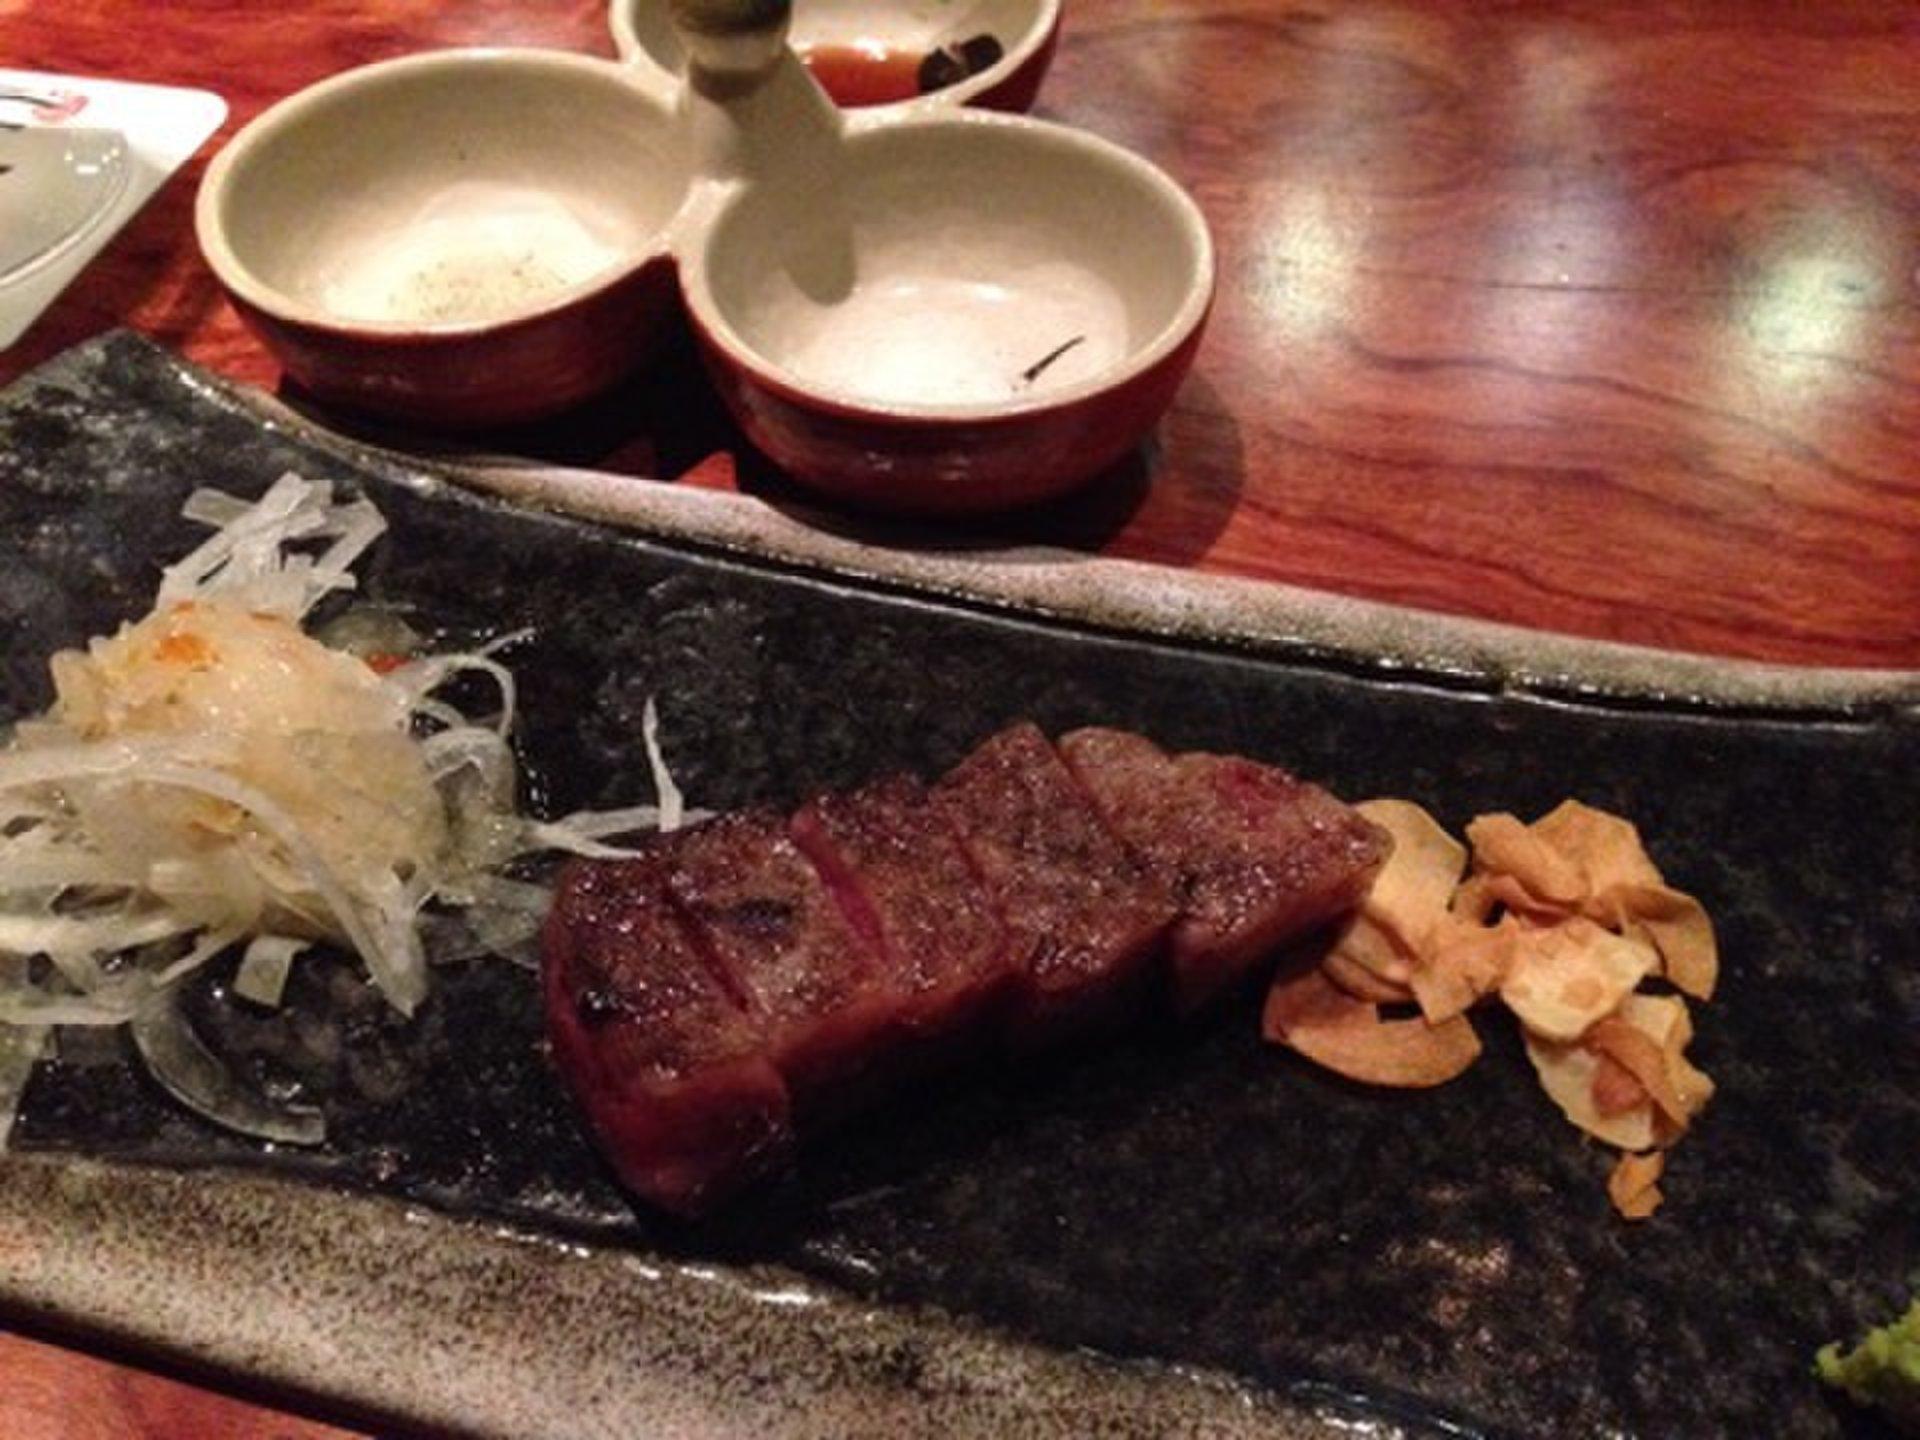 赤坂・六本木エリアでお肉が食べたくなったらこのお店!絶品肉料理が食べられるお店3選